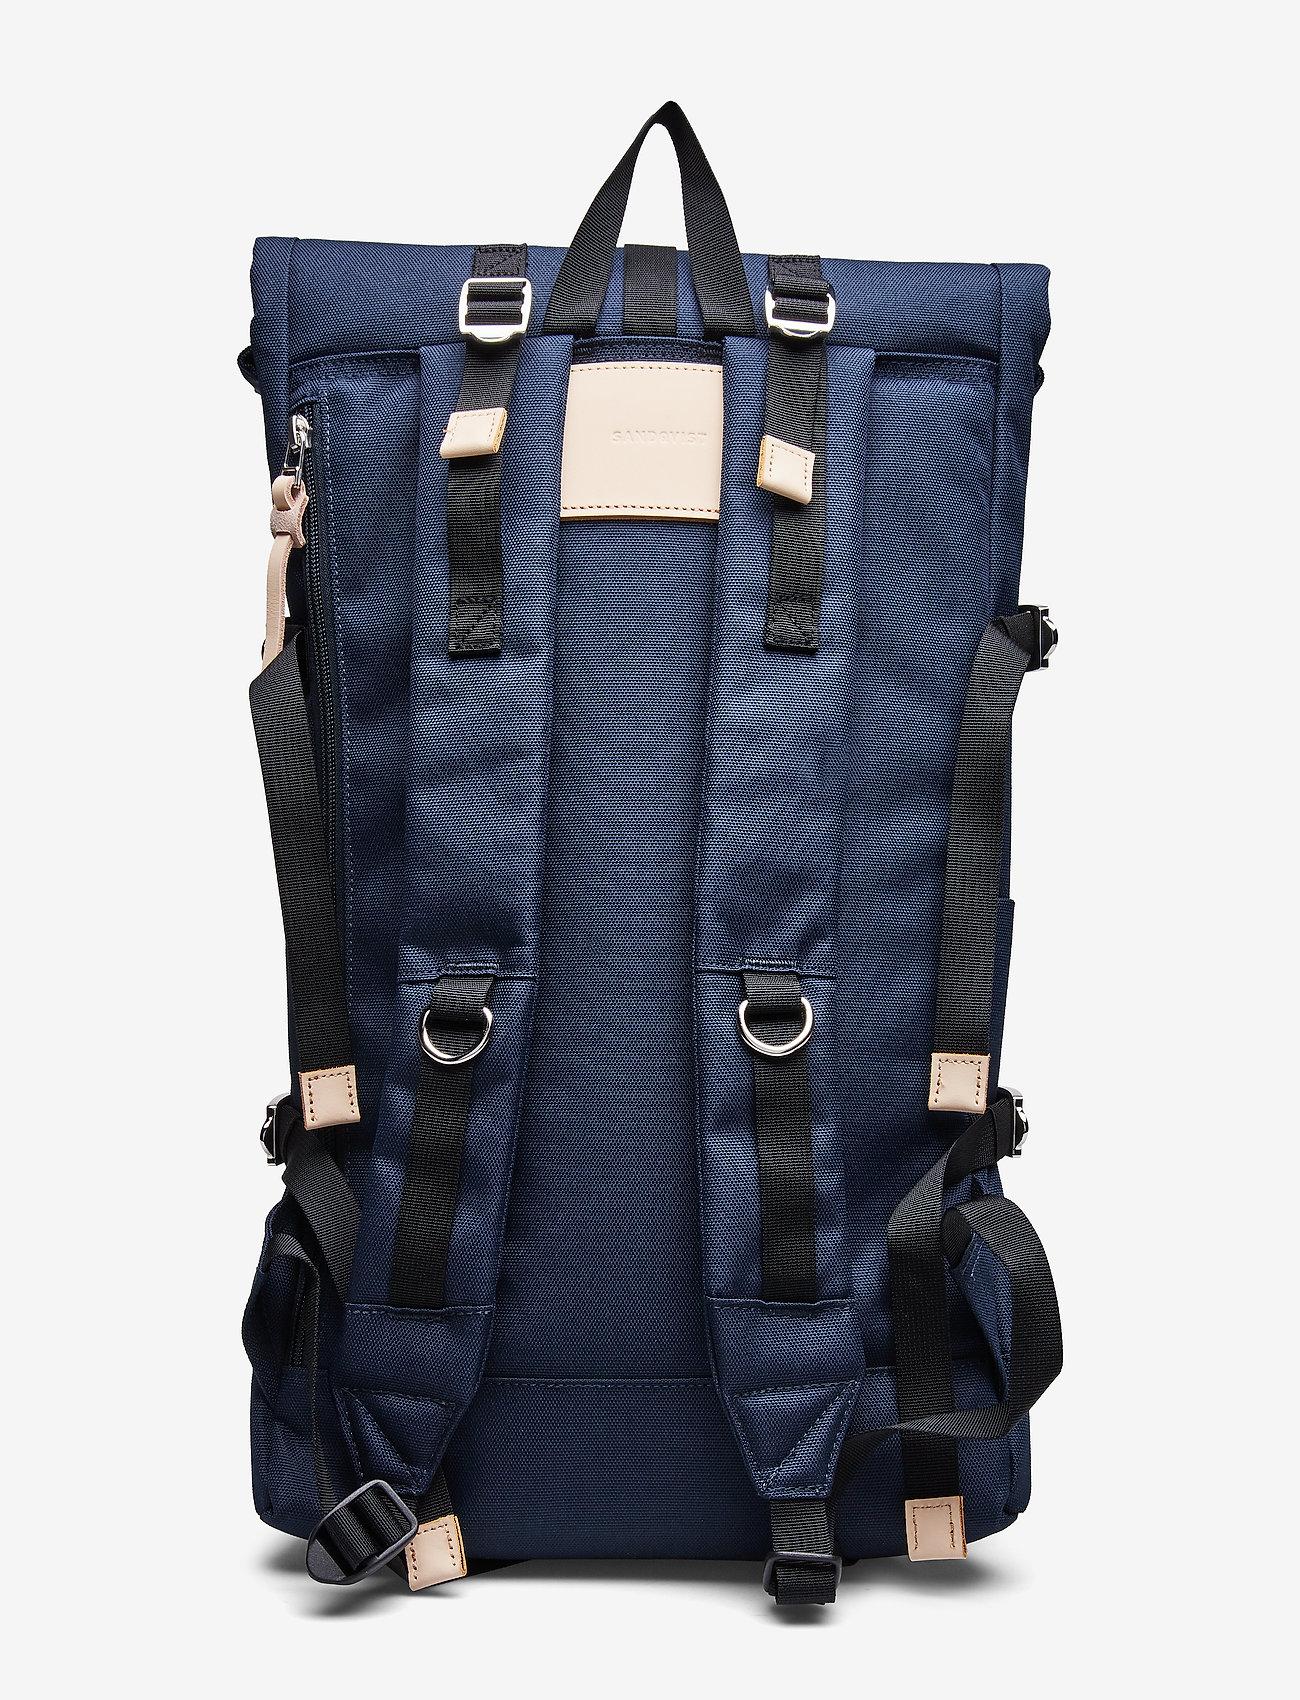 SANDQVIST - BERNT - tassen - navy with natural leather - 2